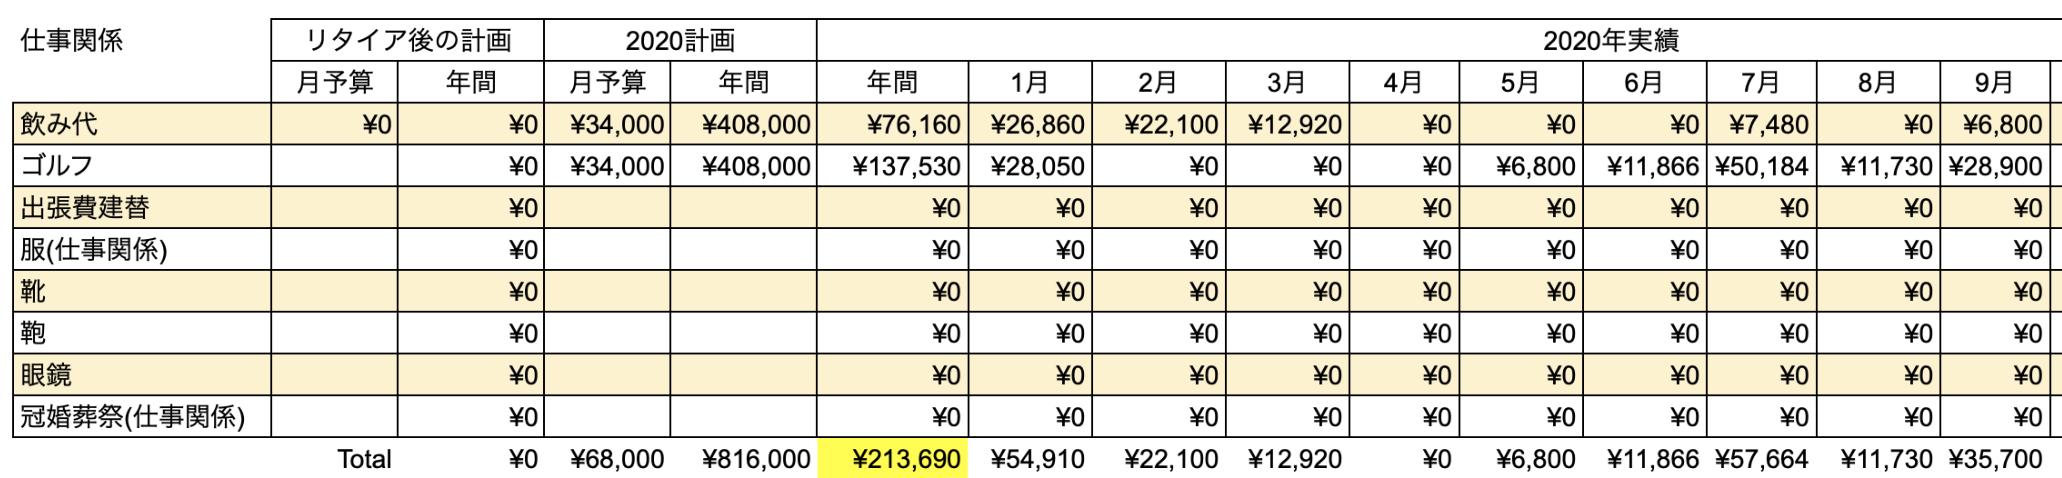 支出実績2020_09月_仕事関係費